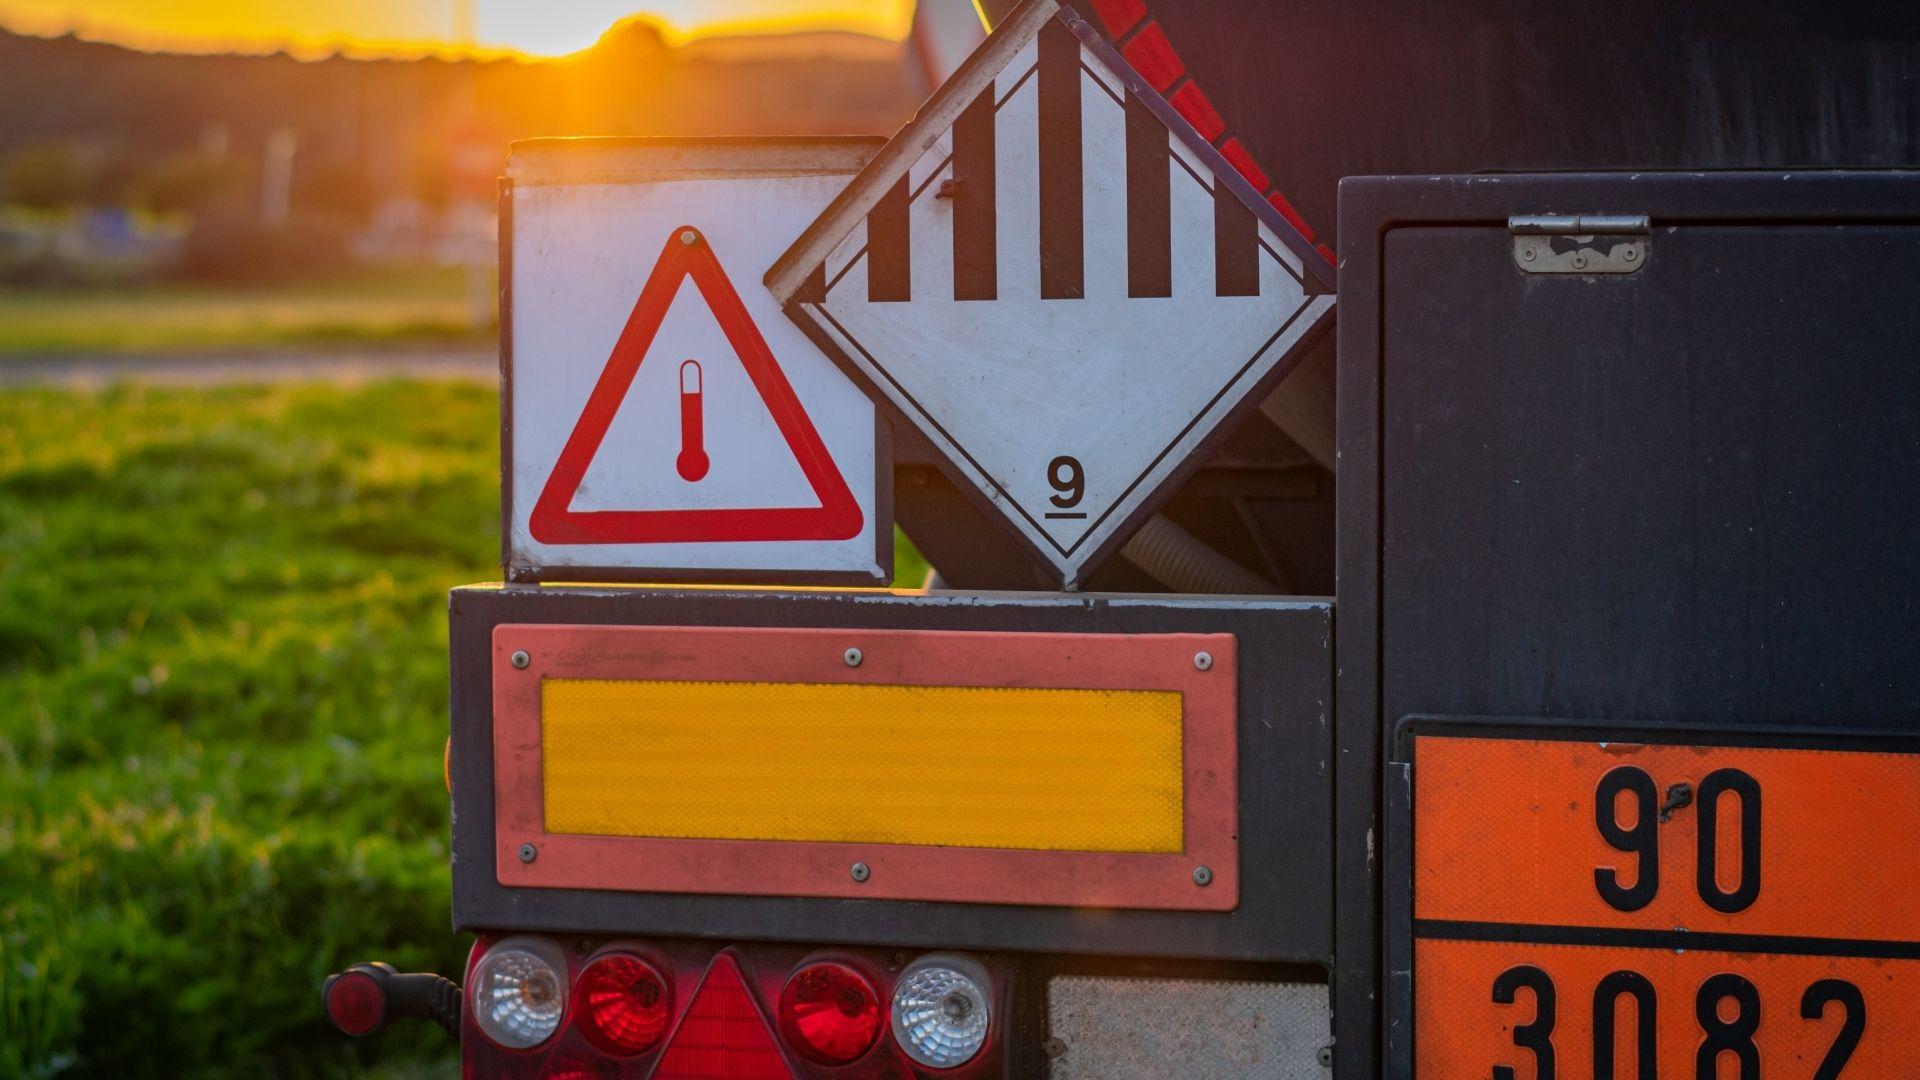 Rótulos de risco: você conhece o significado de cada um deles?